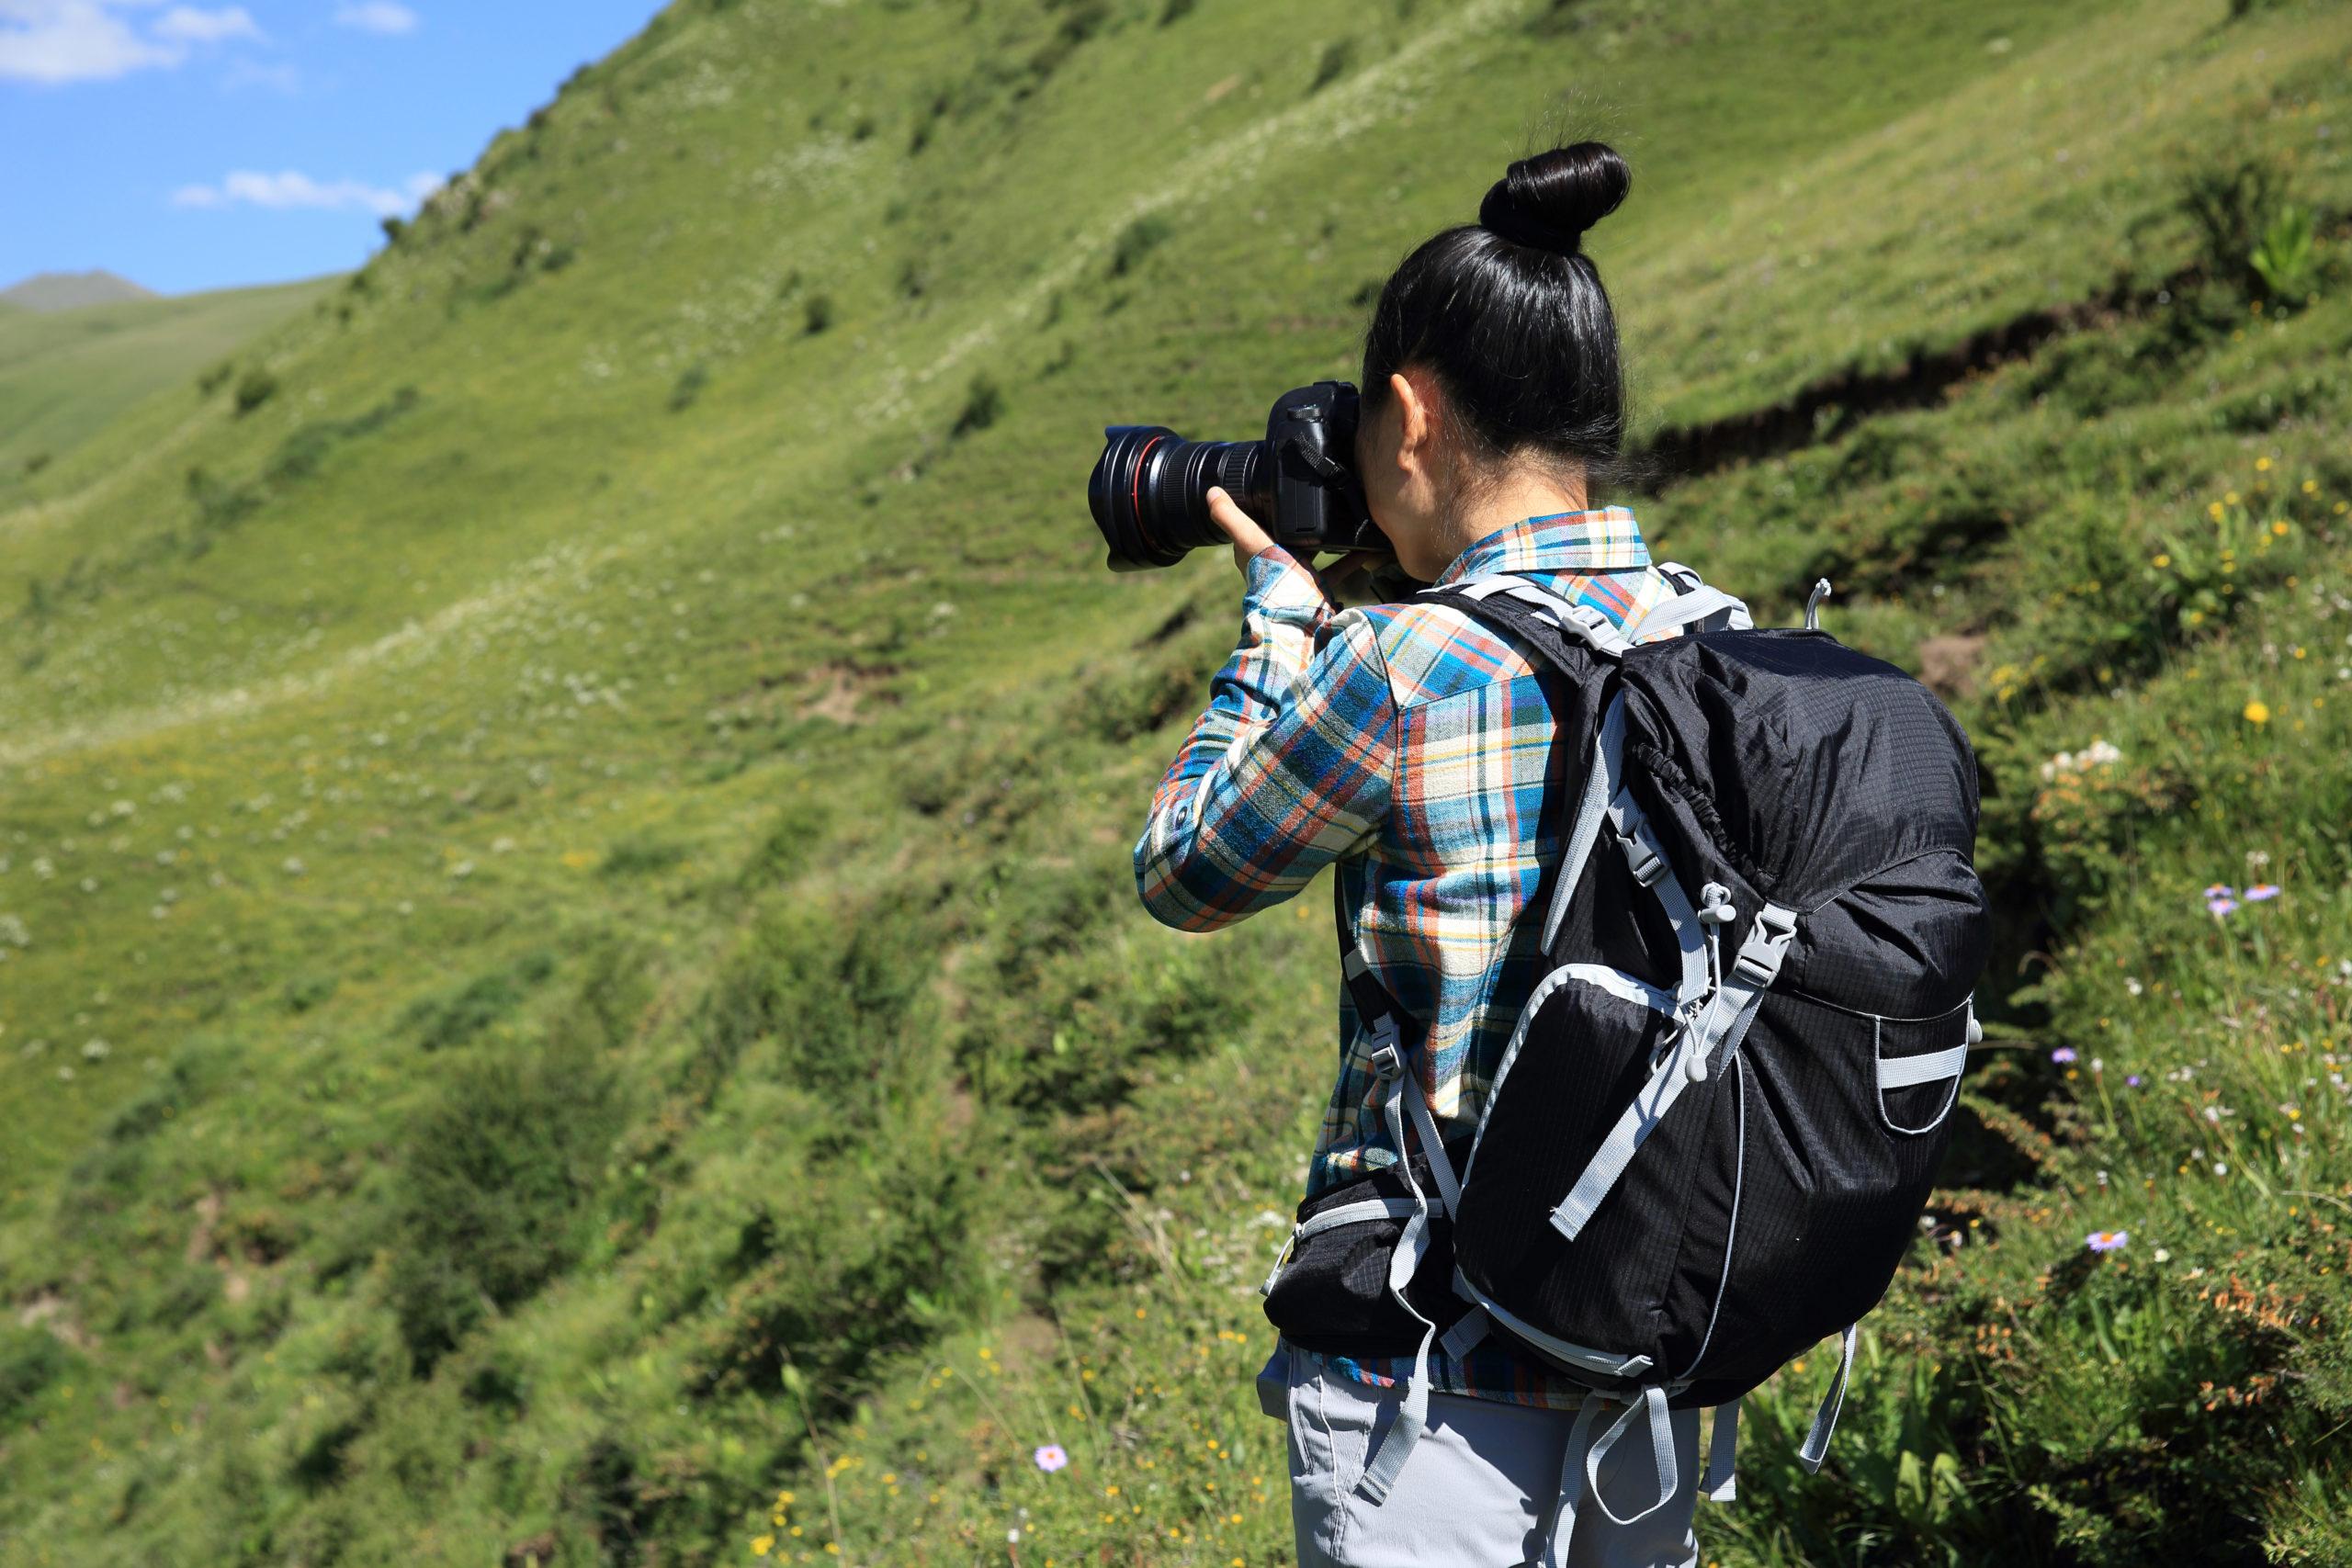 Auch bei Naturfotografie spielen Nachhaltigskeitsaspekte eine zunehmend große Rolle.